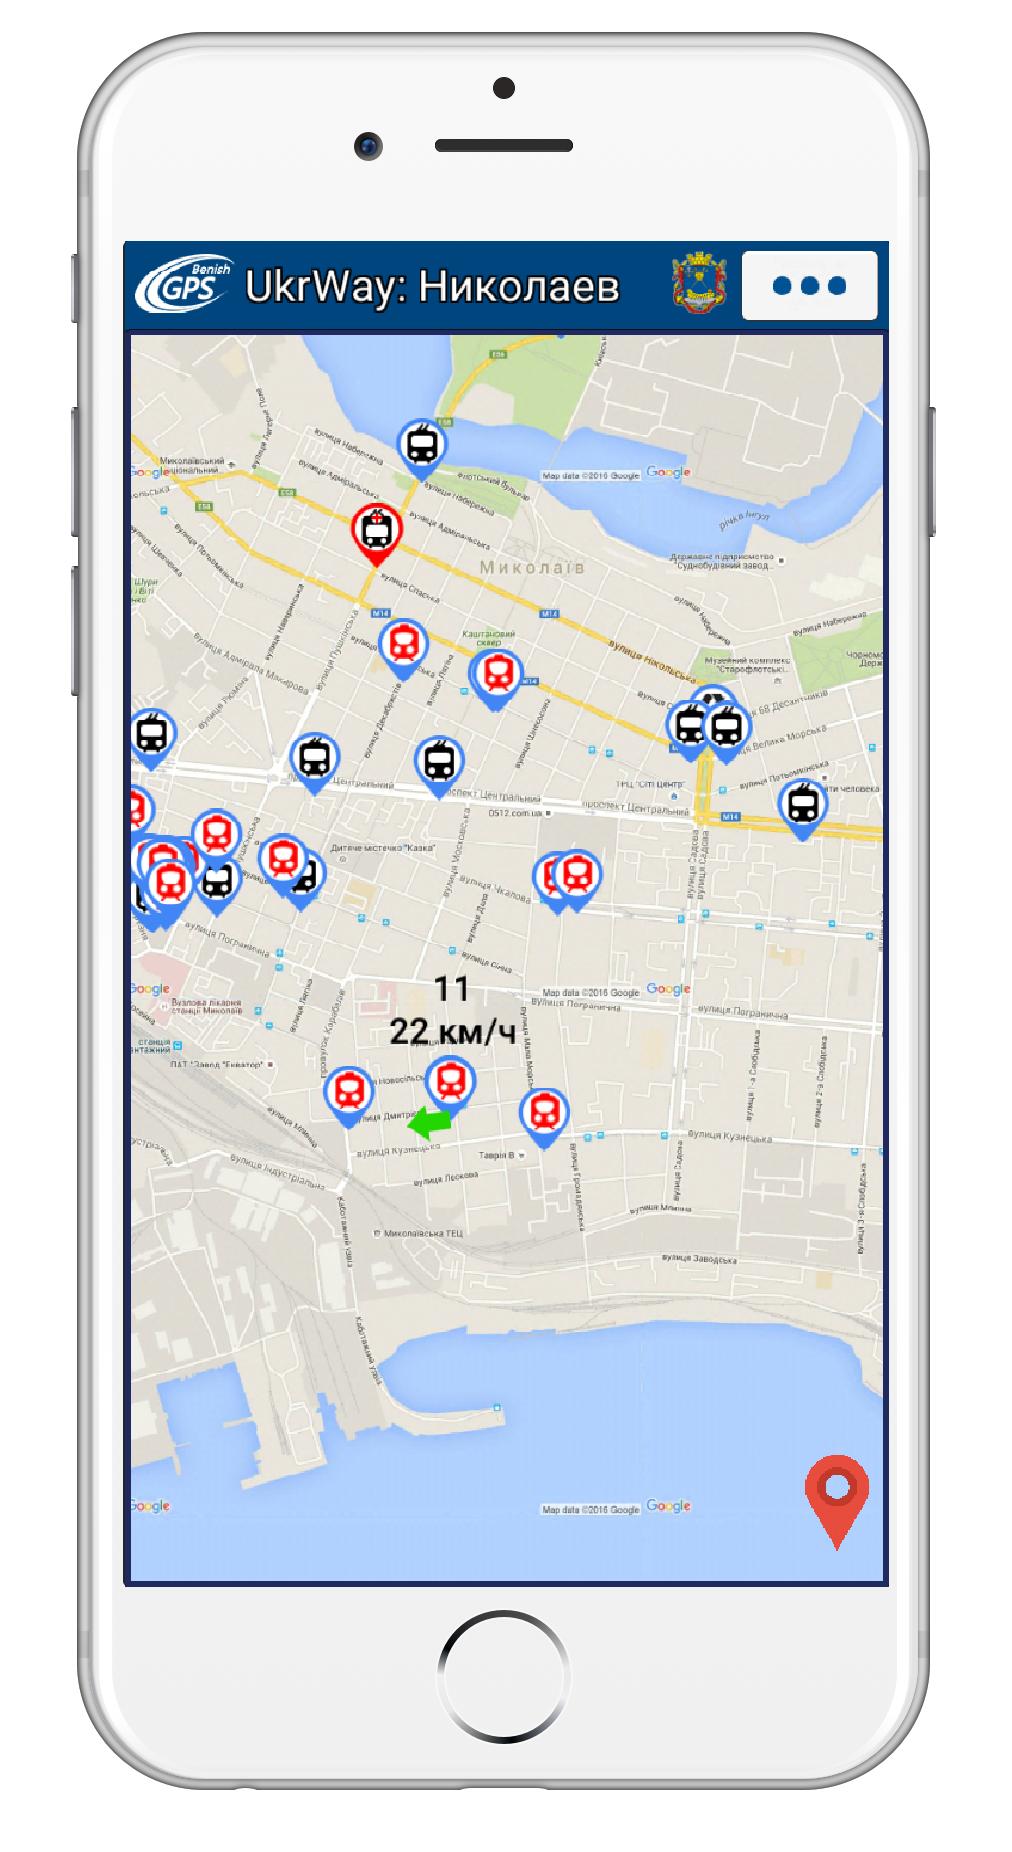 Мобильное приложение «UkrWay: Николаев» теперь доступно и на IOS